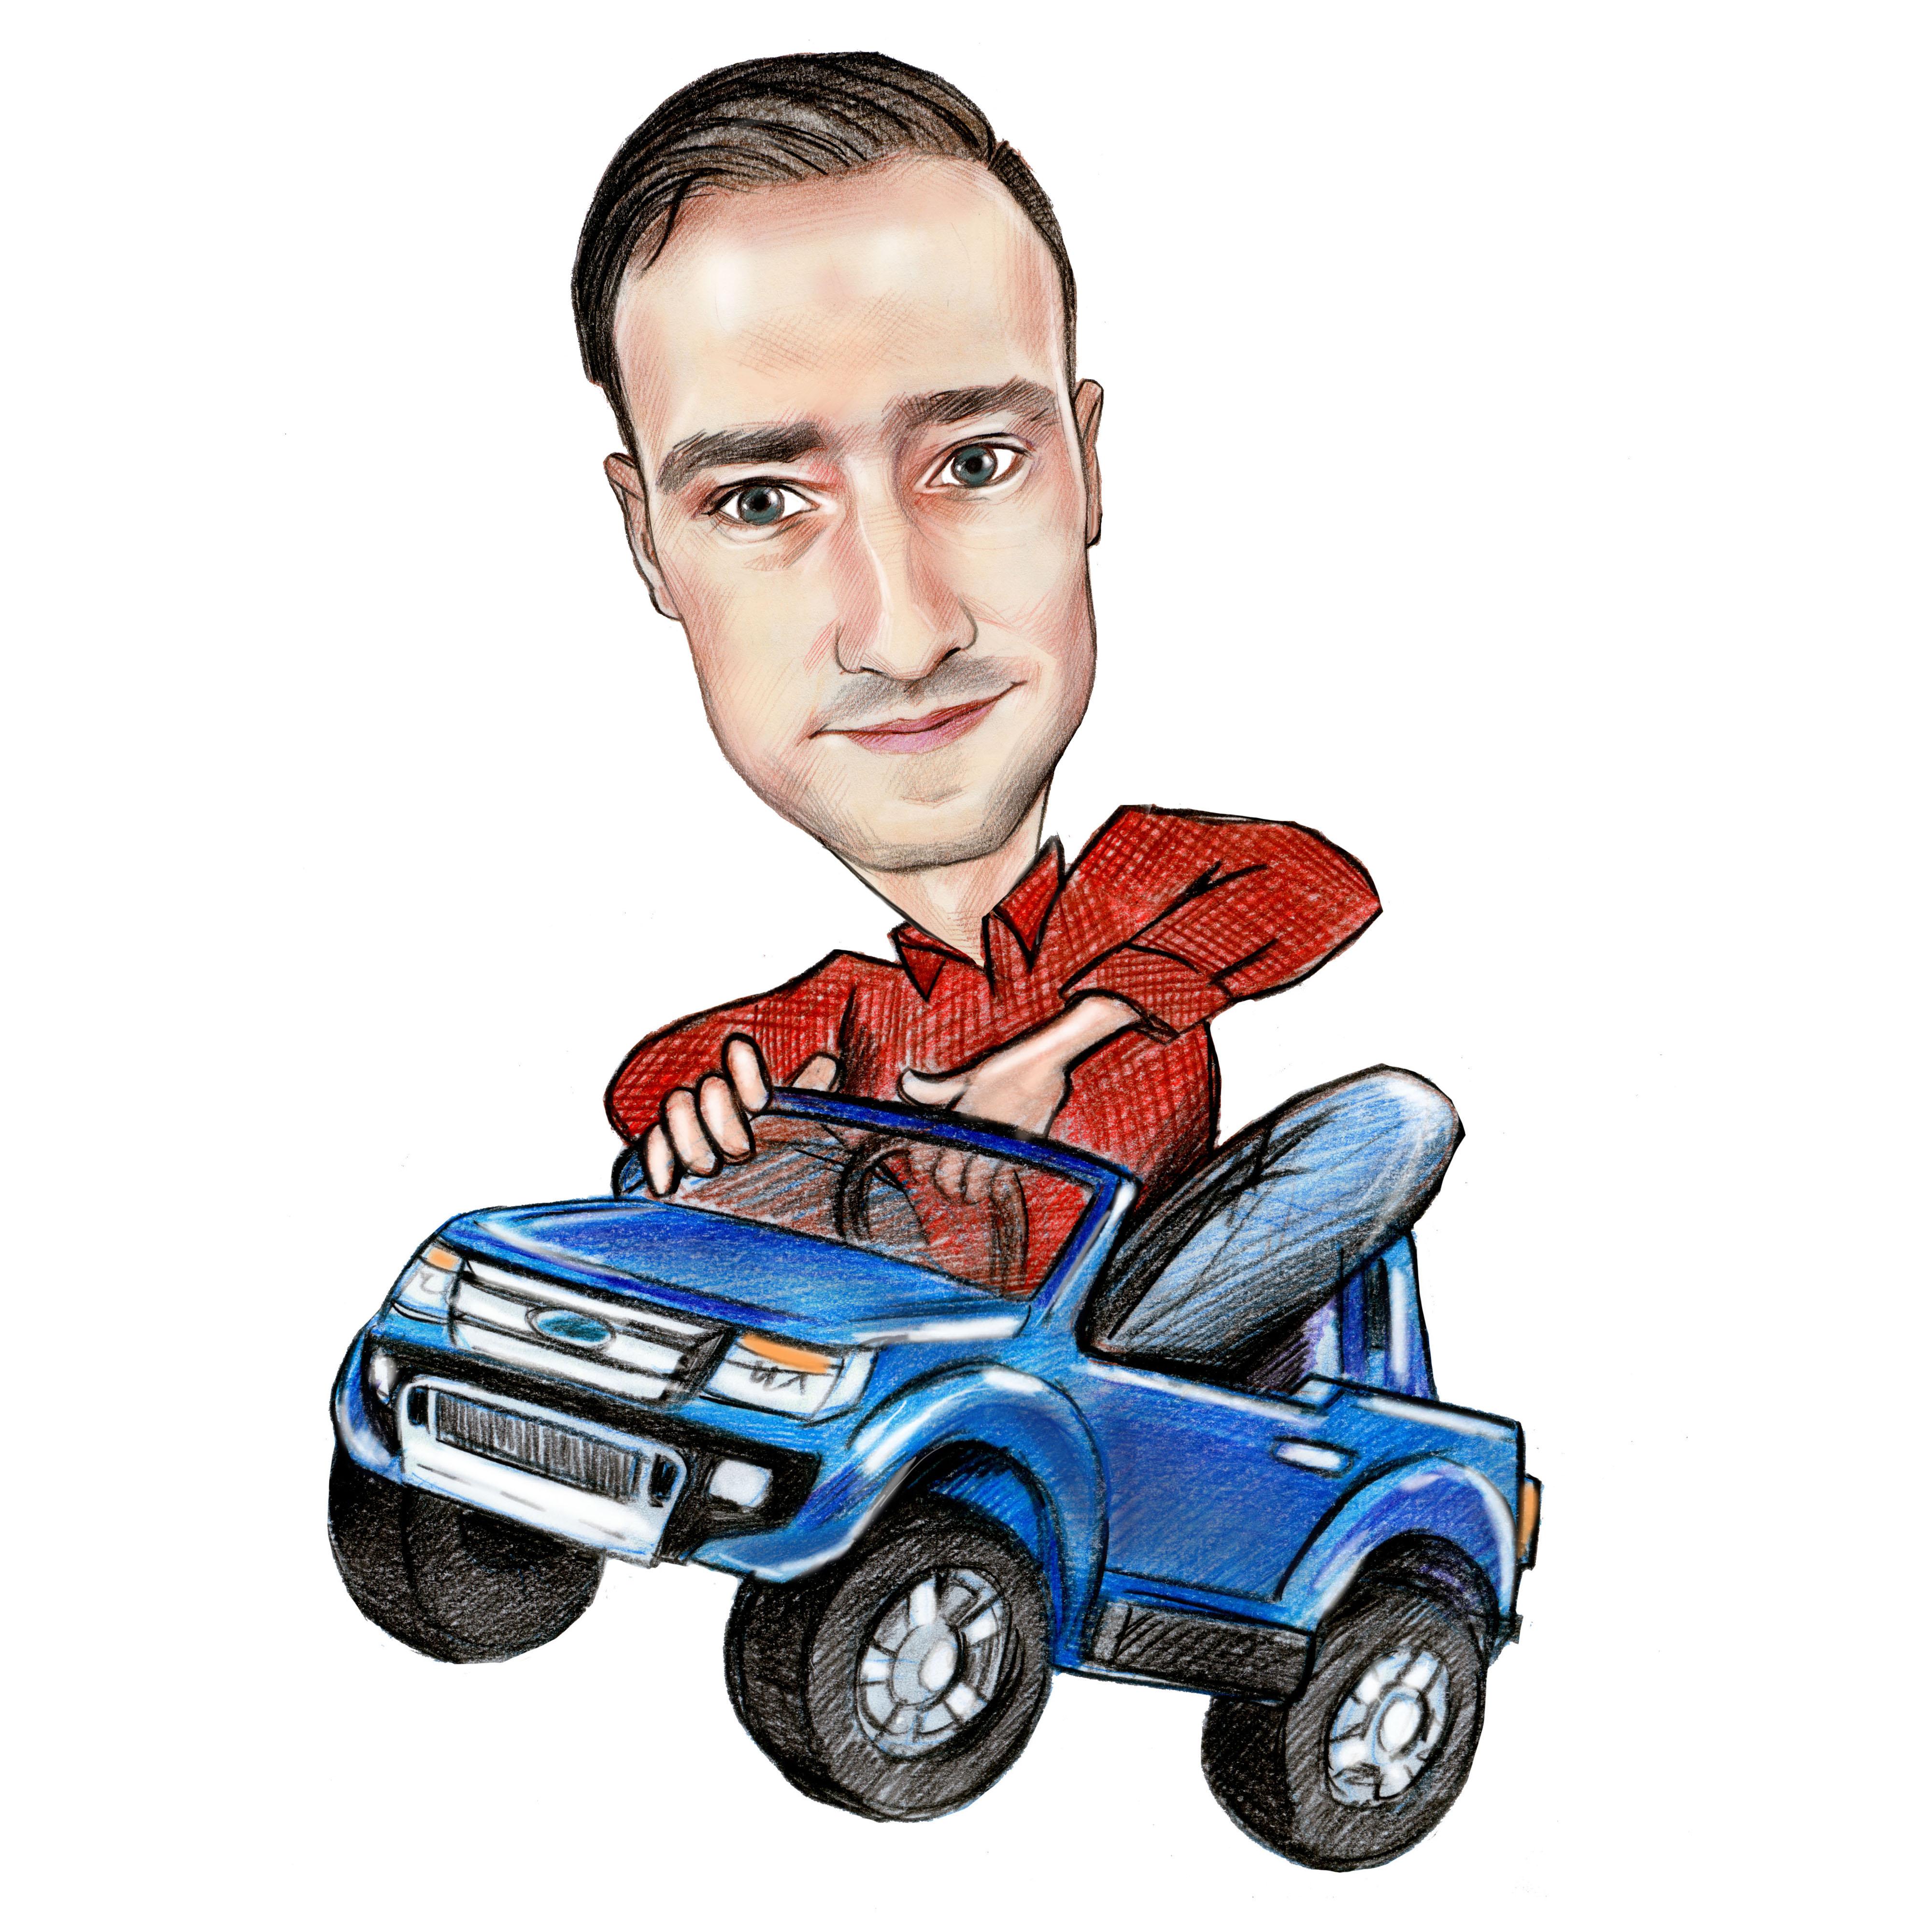 Le Ford Ranger de l'expert Kiddi Quad